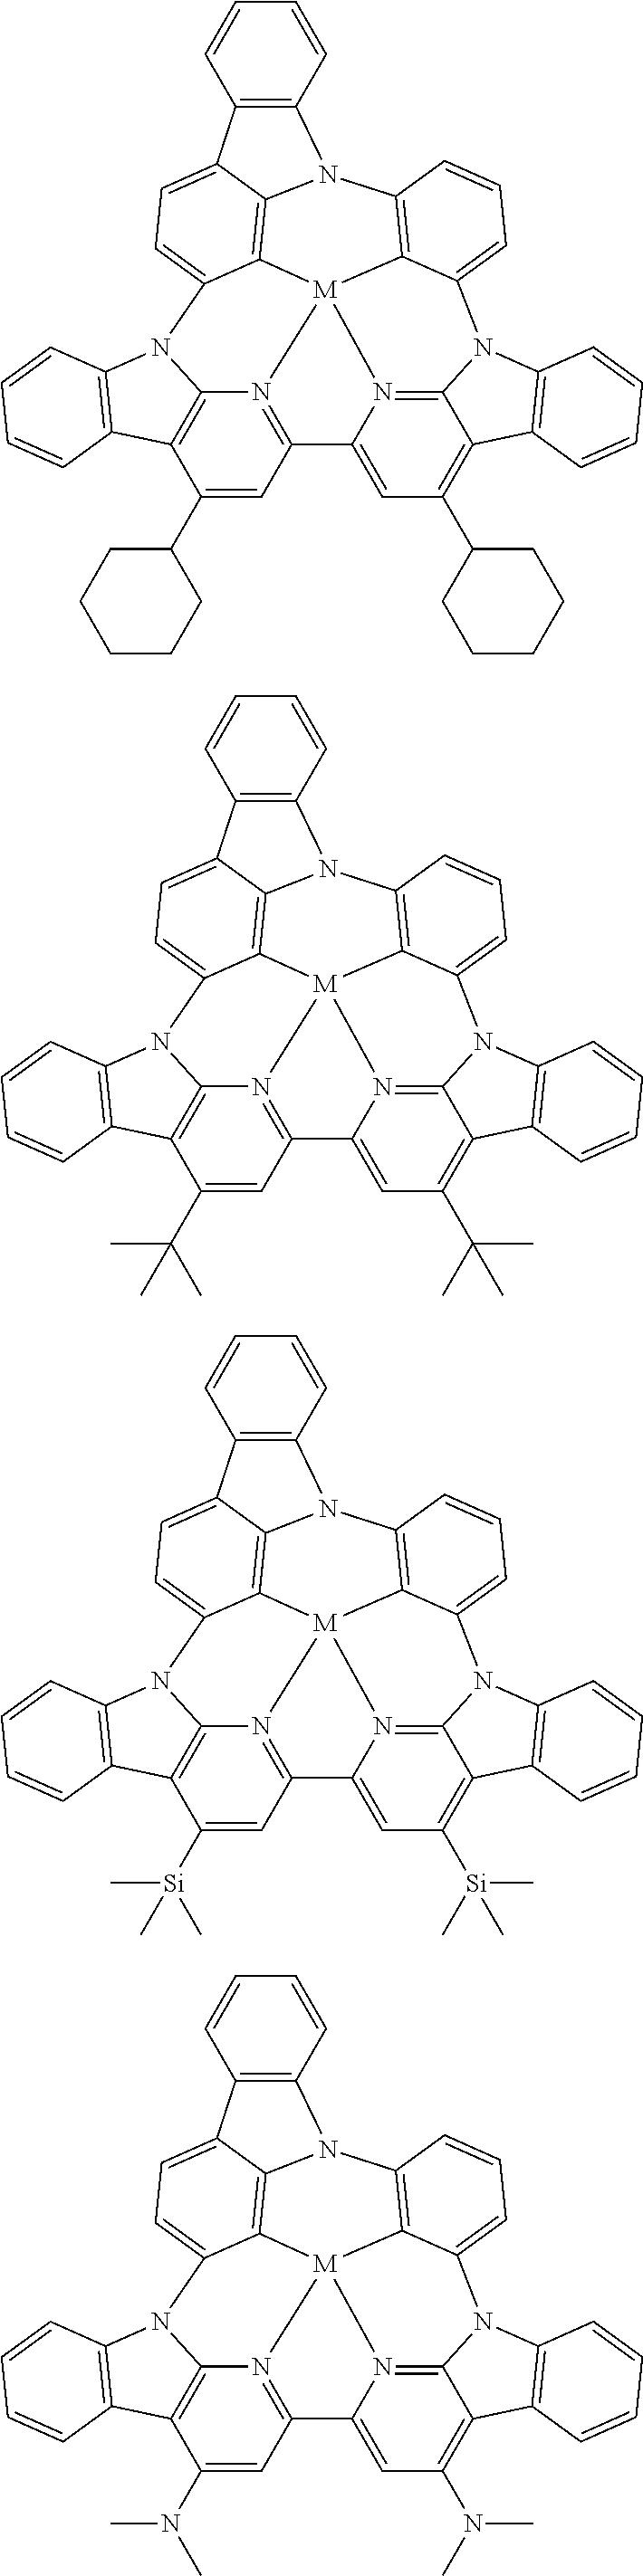 Figure US10158091-20181218-C00241